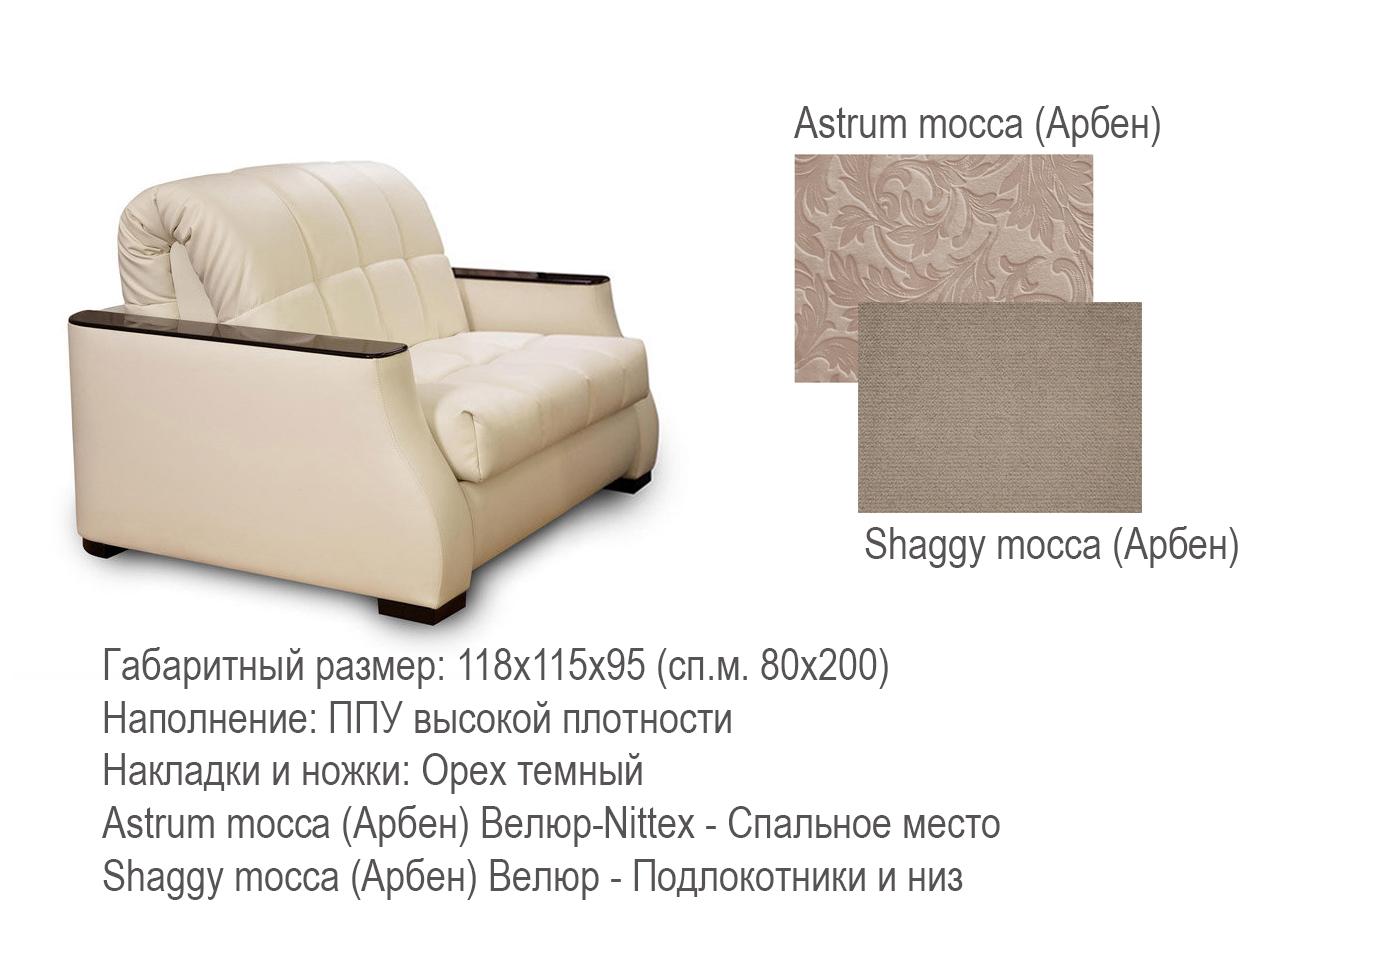 Кресло-кровать Аделетта м211 — Кресло-кровать Аделетта